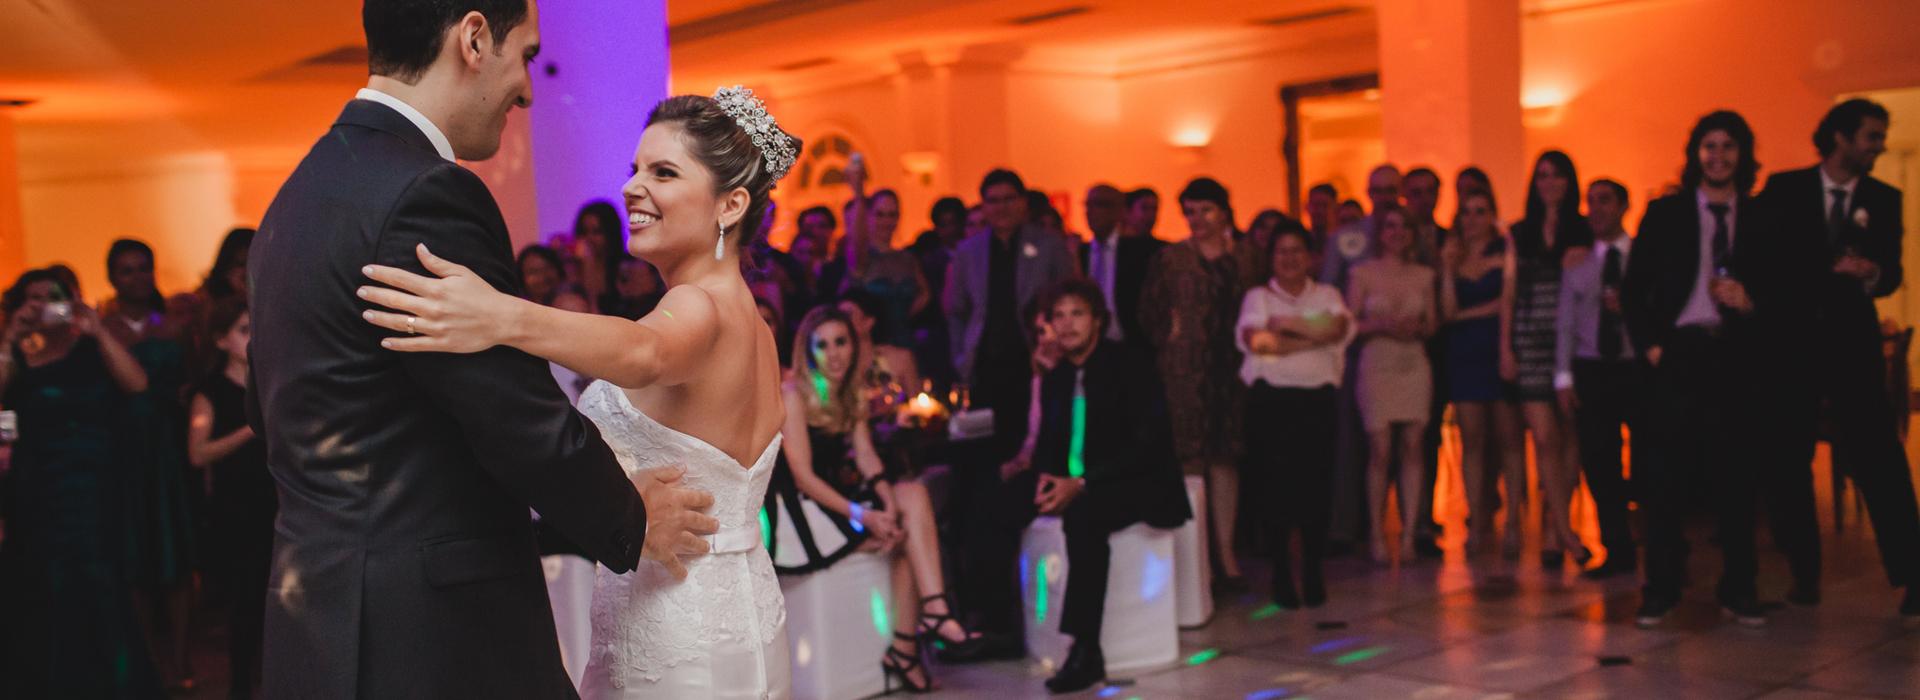 Casamento de Janaíne e Lucas em Buffet Catarina - BH